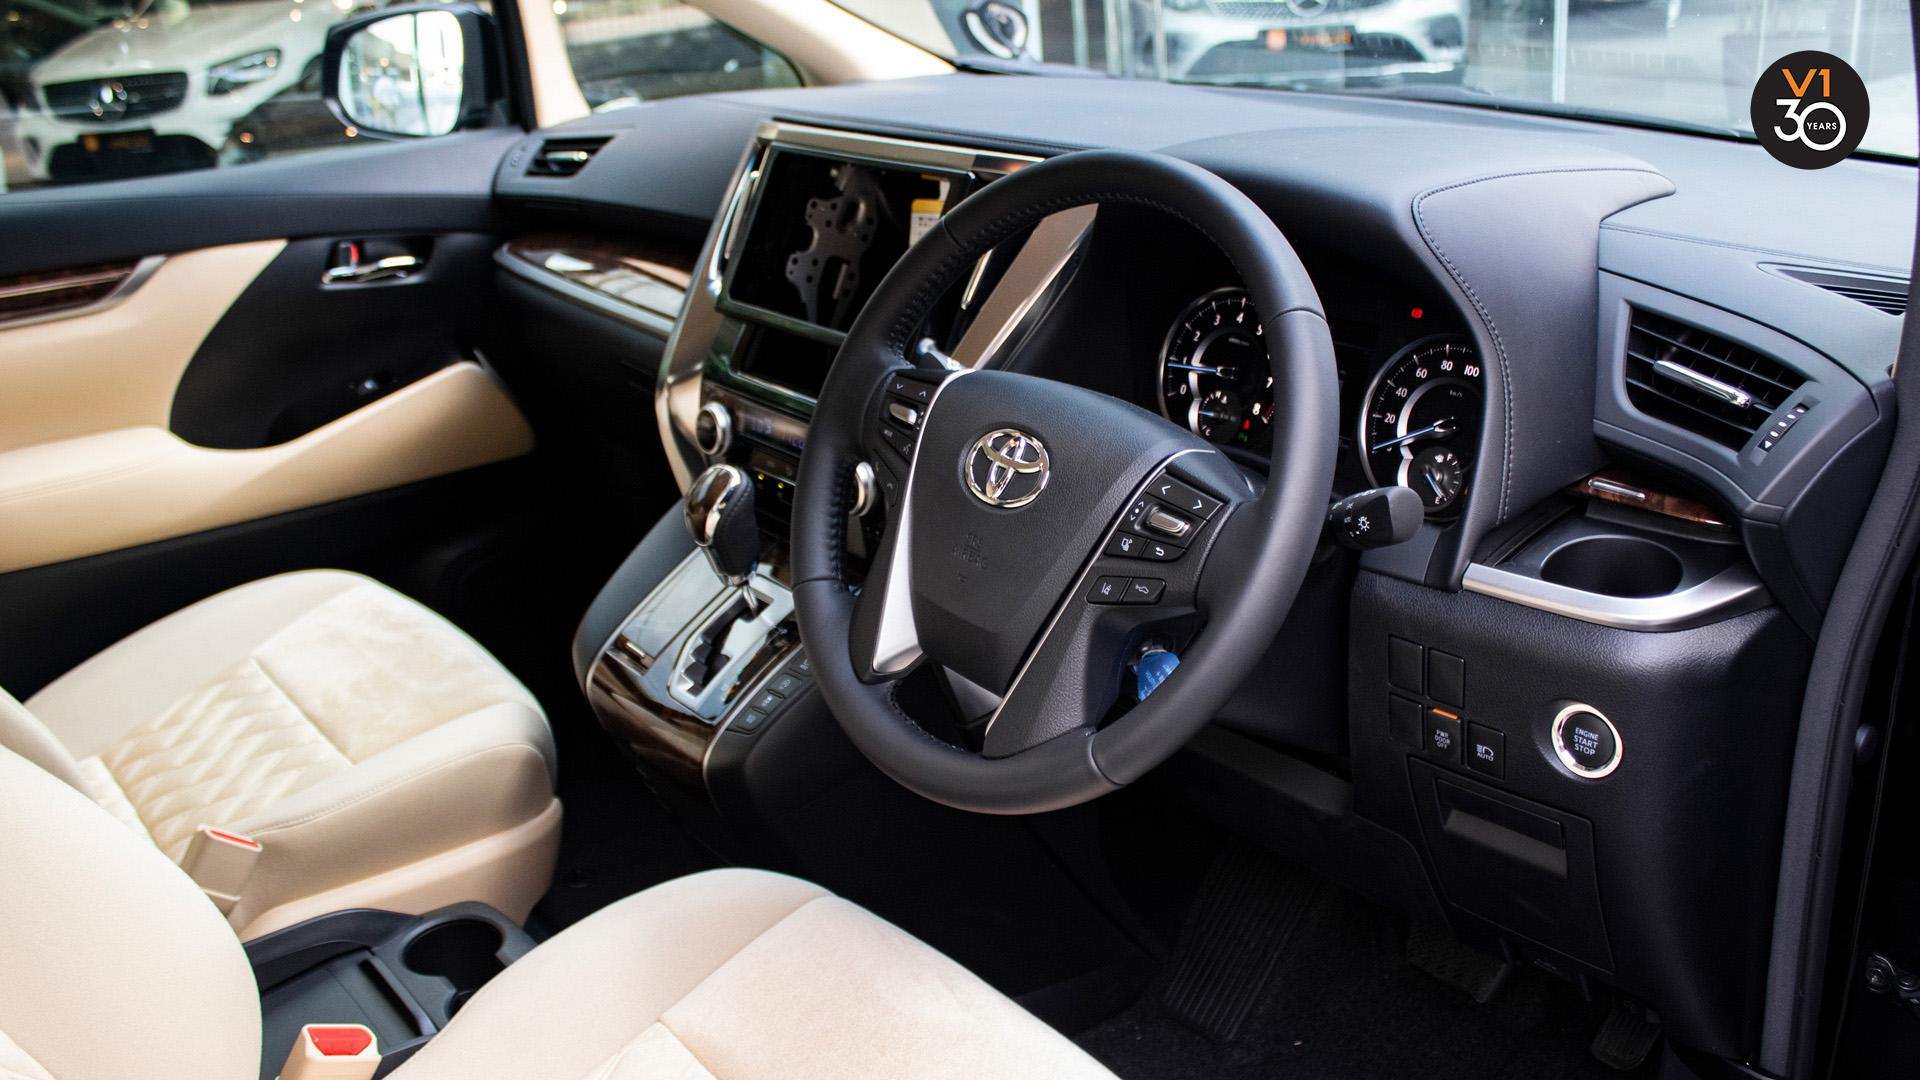 Toyota Alphard 2.5X (8 Seater) - Steering Wheel